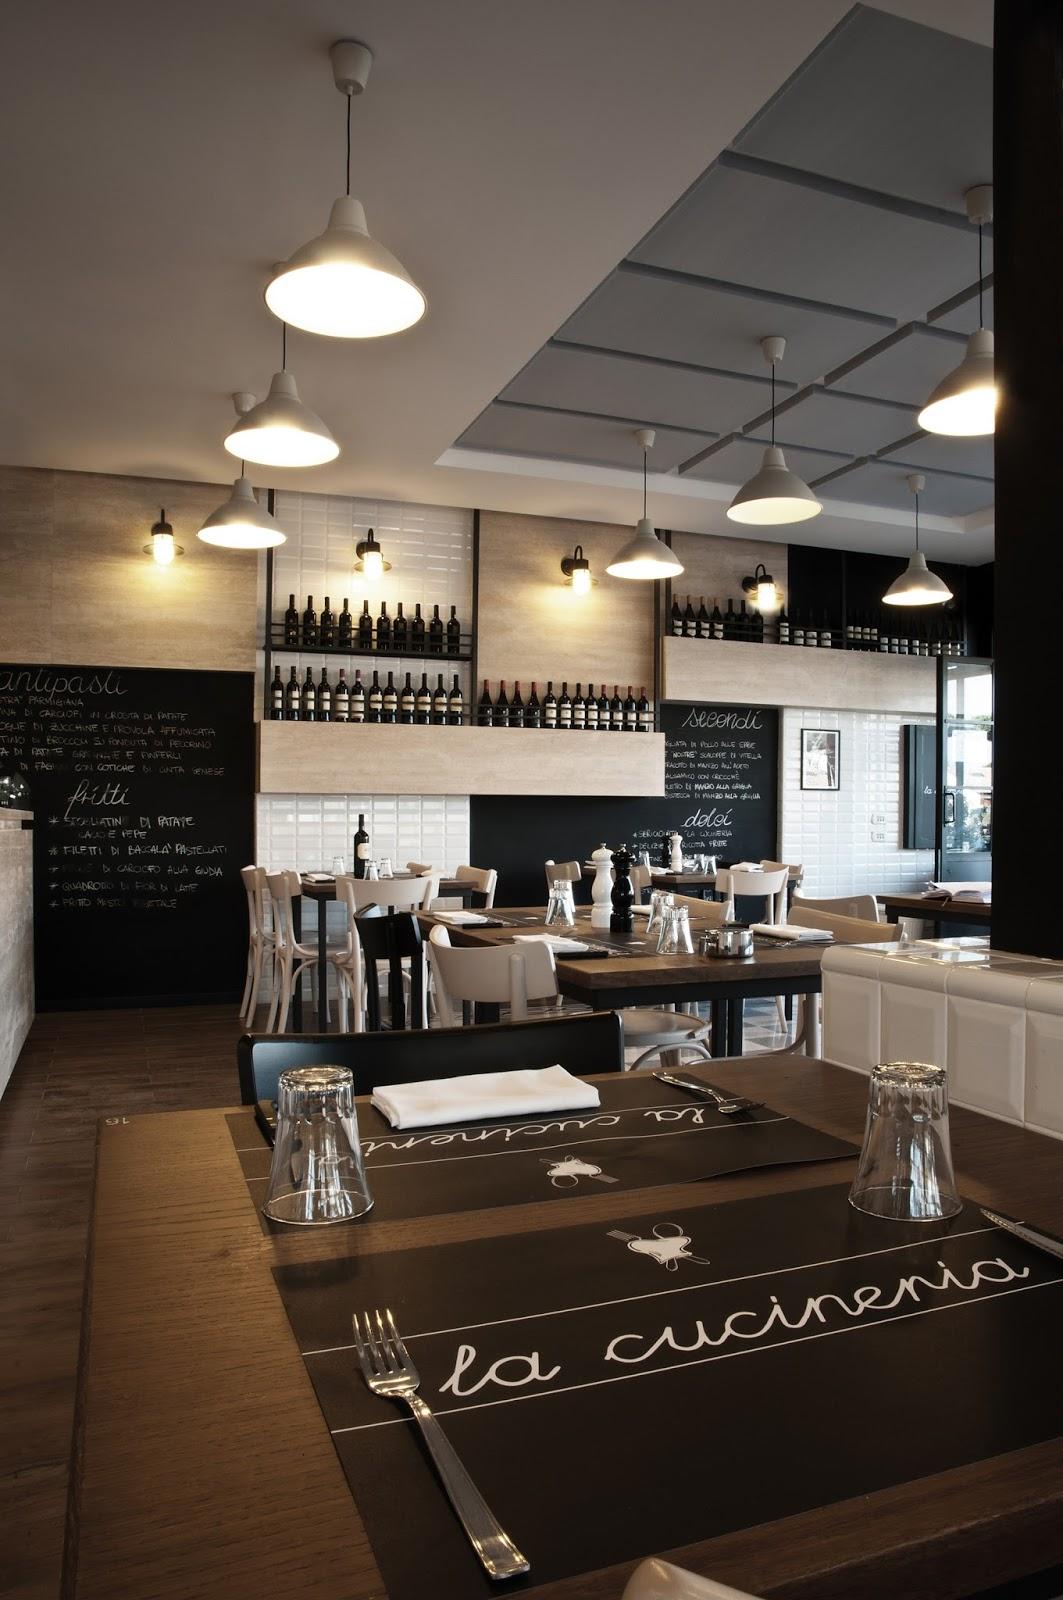 La cucineria cocochicdeco - La cucineria roma ...